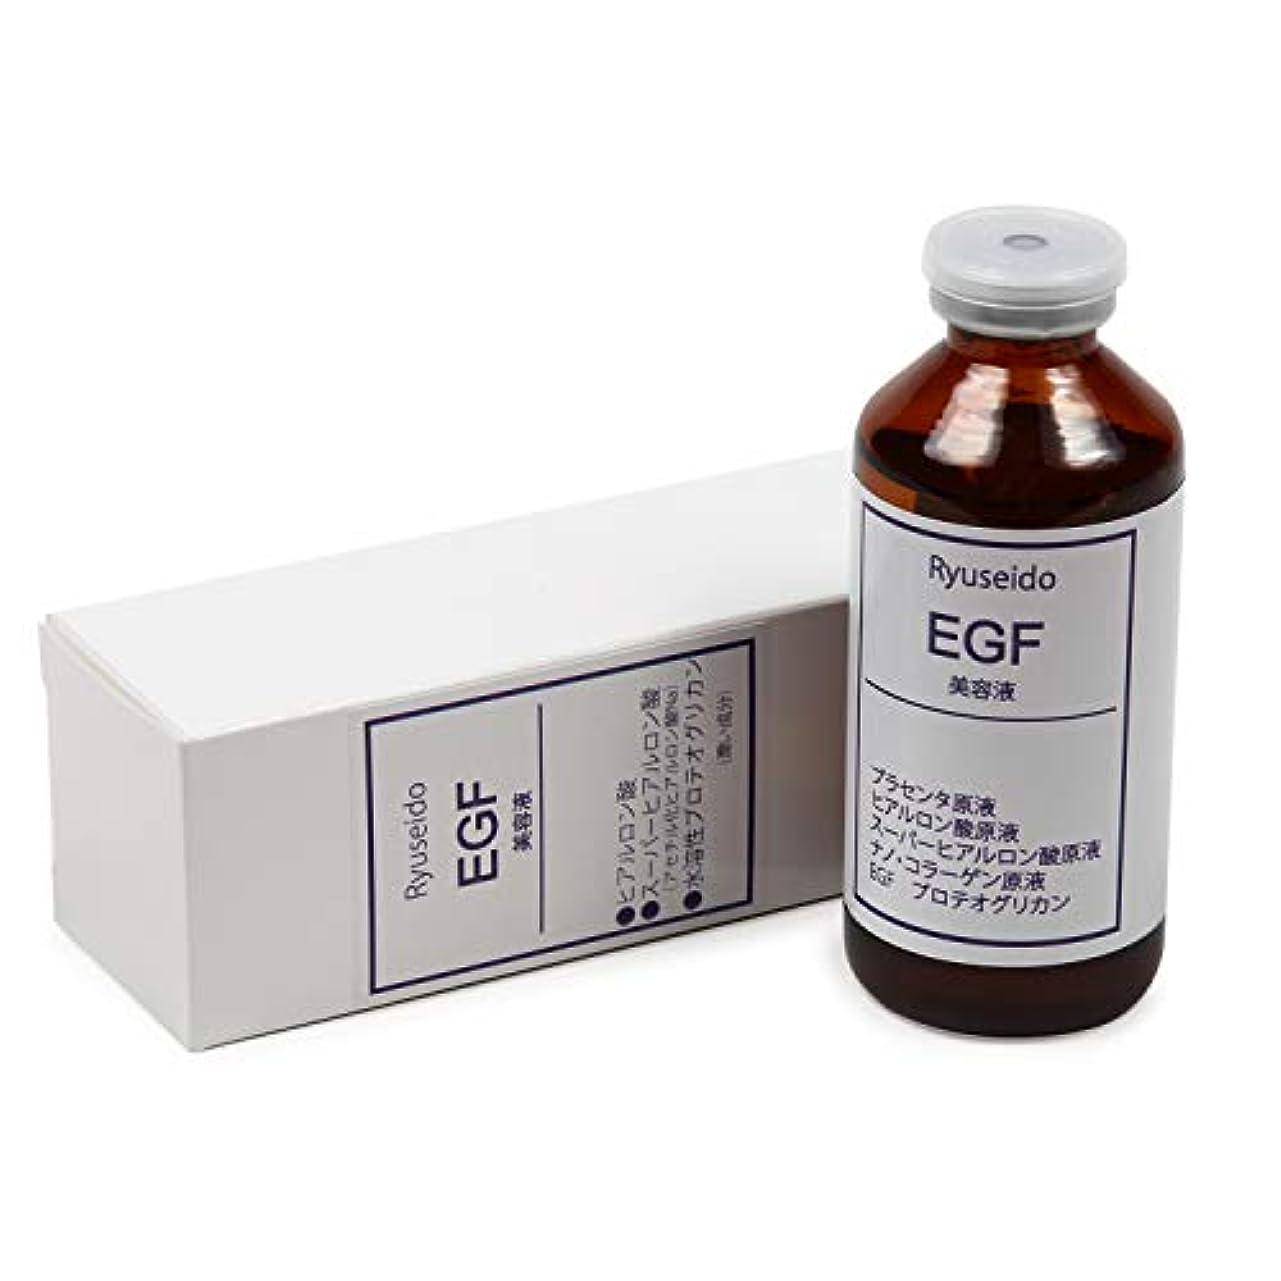 素晴らしい取り出すパン10倍濃度EGFをプラセンタ?ナノコラーゲン?ヒアルロン酸原液に配合。毛穴レスできめ細かなクリアな肌に??生コラーゲン配合でキメ密度がさらにアップ。